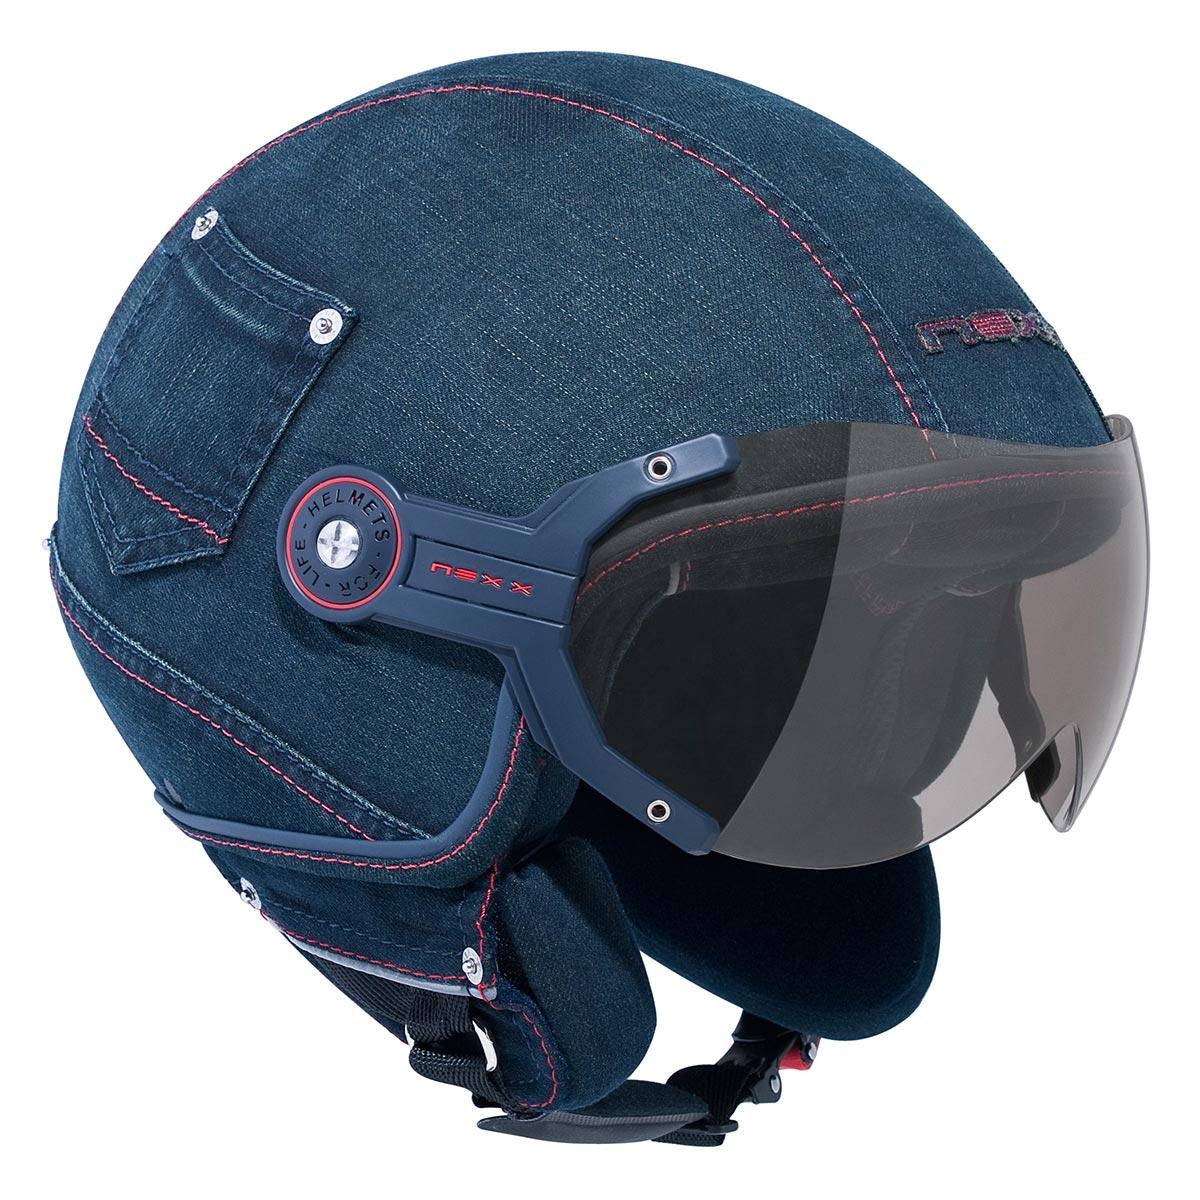 Capacete Nexx X60 Denim Cult Jeans NOVO!  - Nova Suzuki Motos e Acessórios